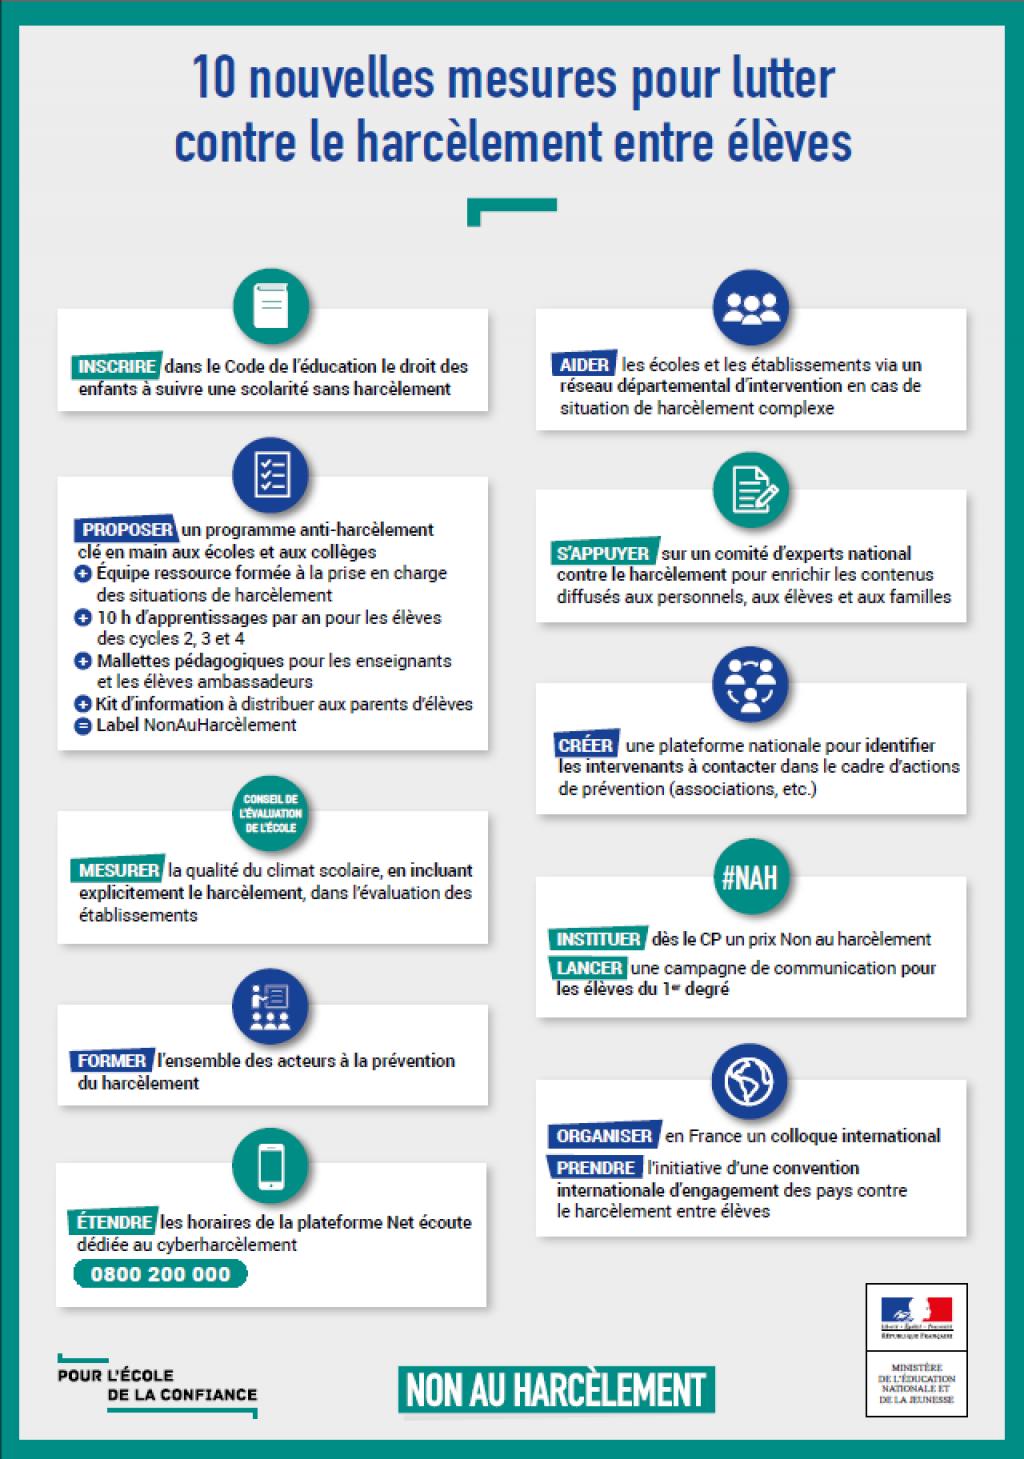 Les principales mesures pour lutter contre le harcèlement à l'école. Crédit : Ministère de l'Education nationale et de la Jeunesse.